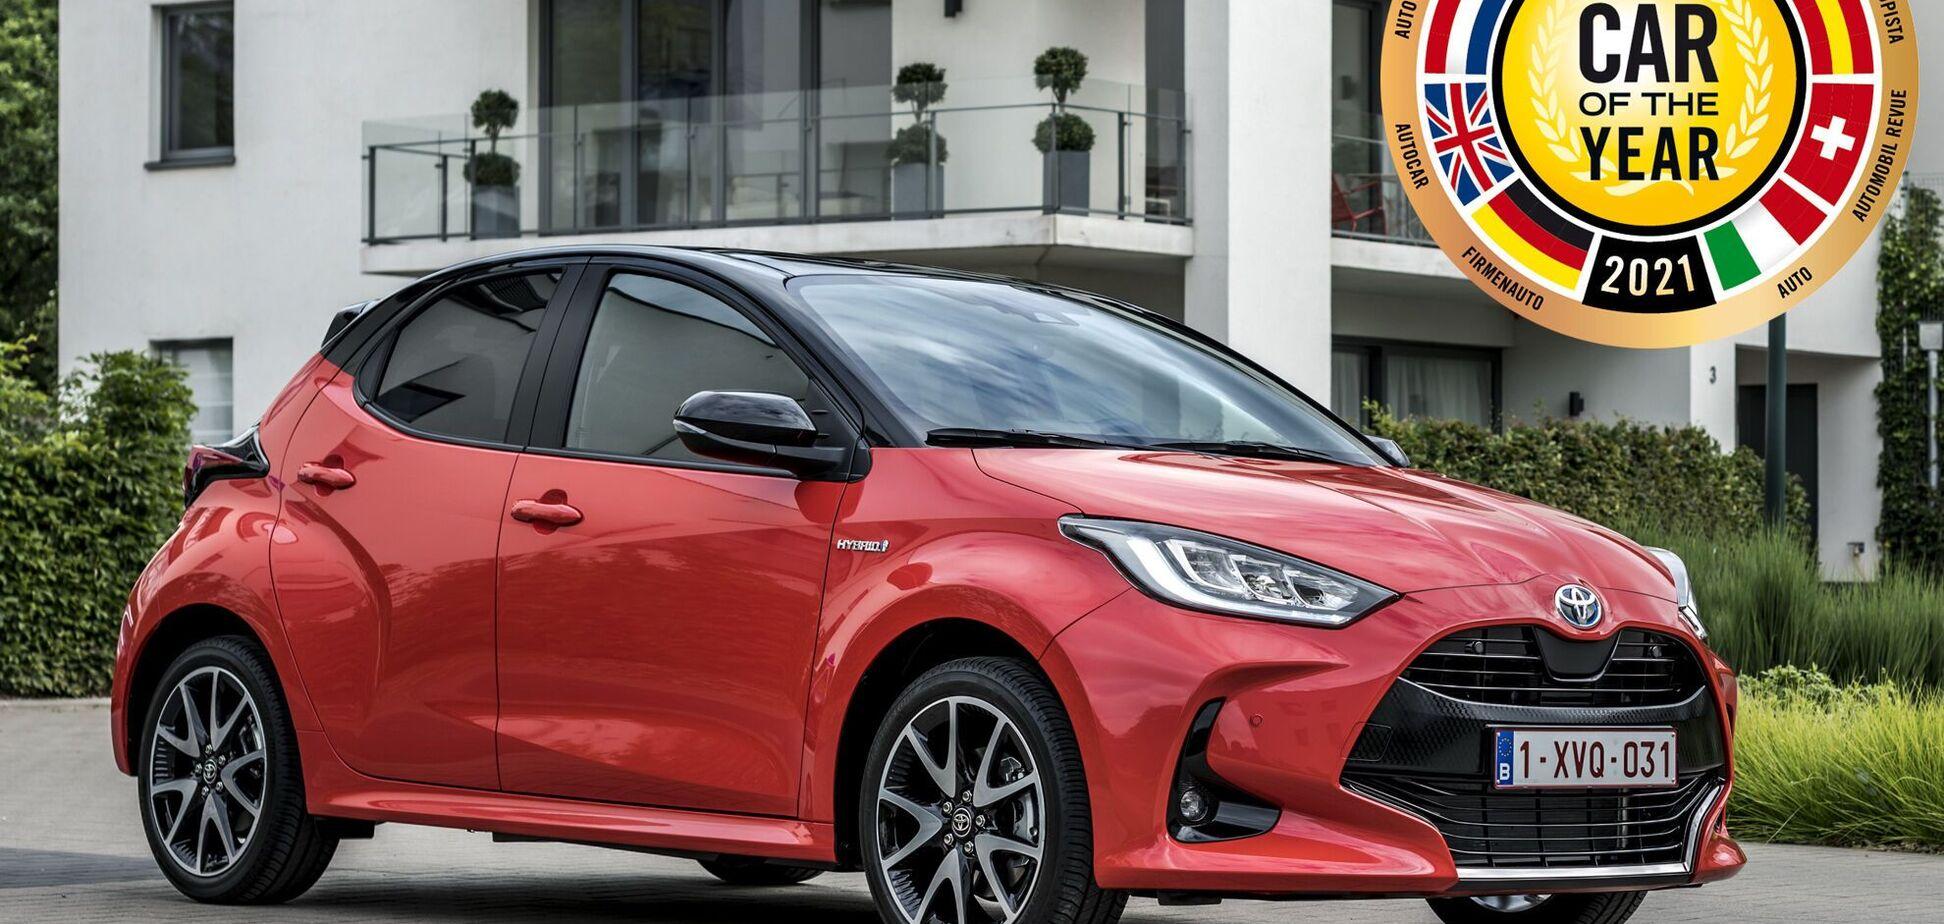 Toyota Yaris стал 'Автомобилем года 2021' в Европе